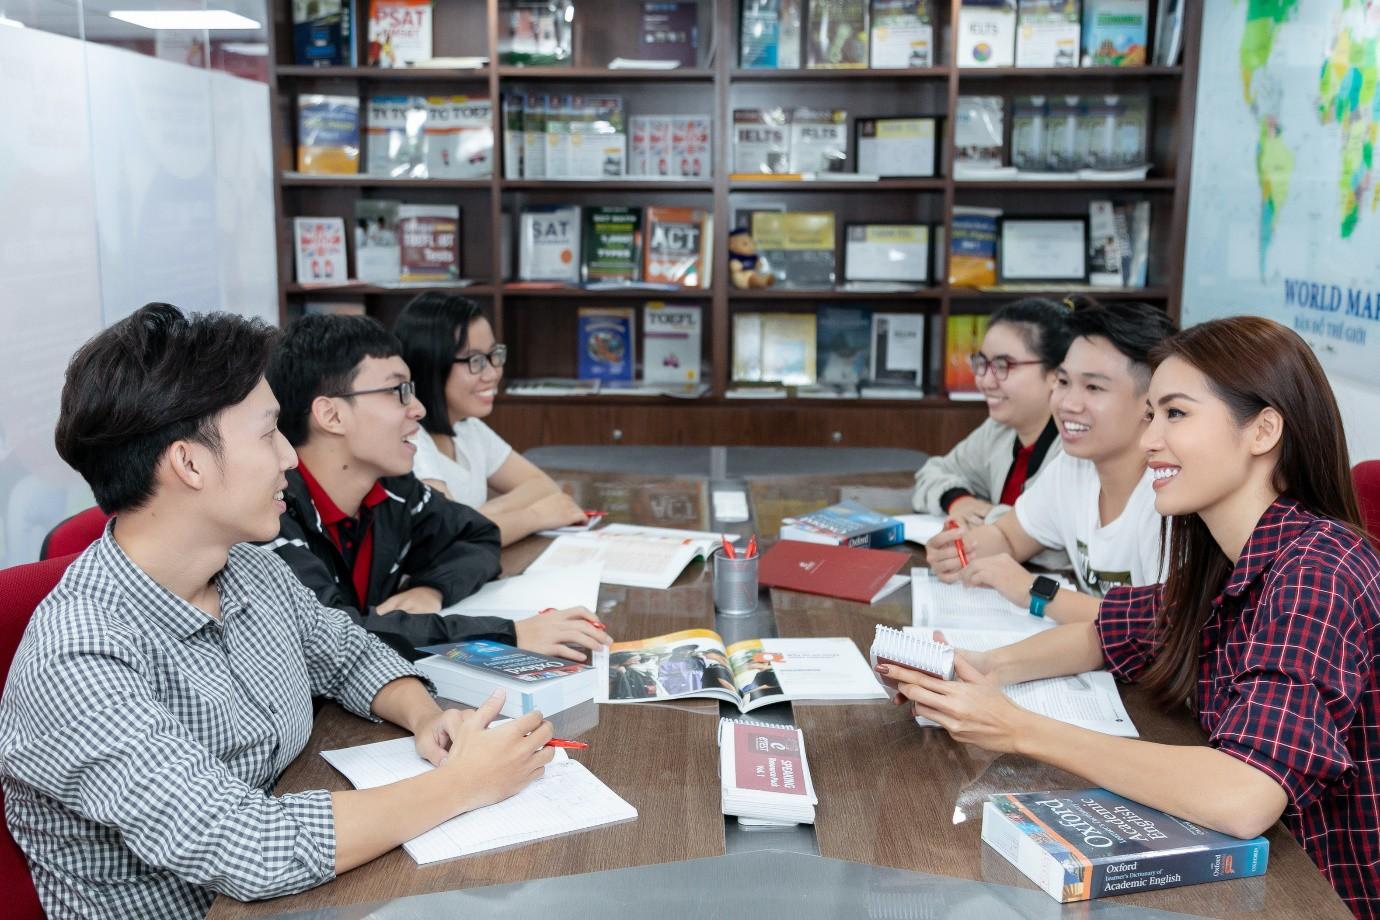 Minh Tú nói tiếng Anh ngày càng hoàn thiện, đây là nơi giúp cô trau dồi kỹ năng ngoại ngữ của mình! - Ảnh 3.